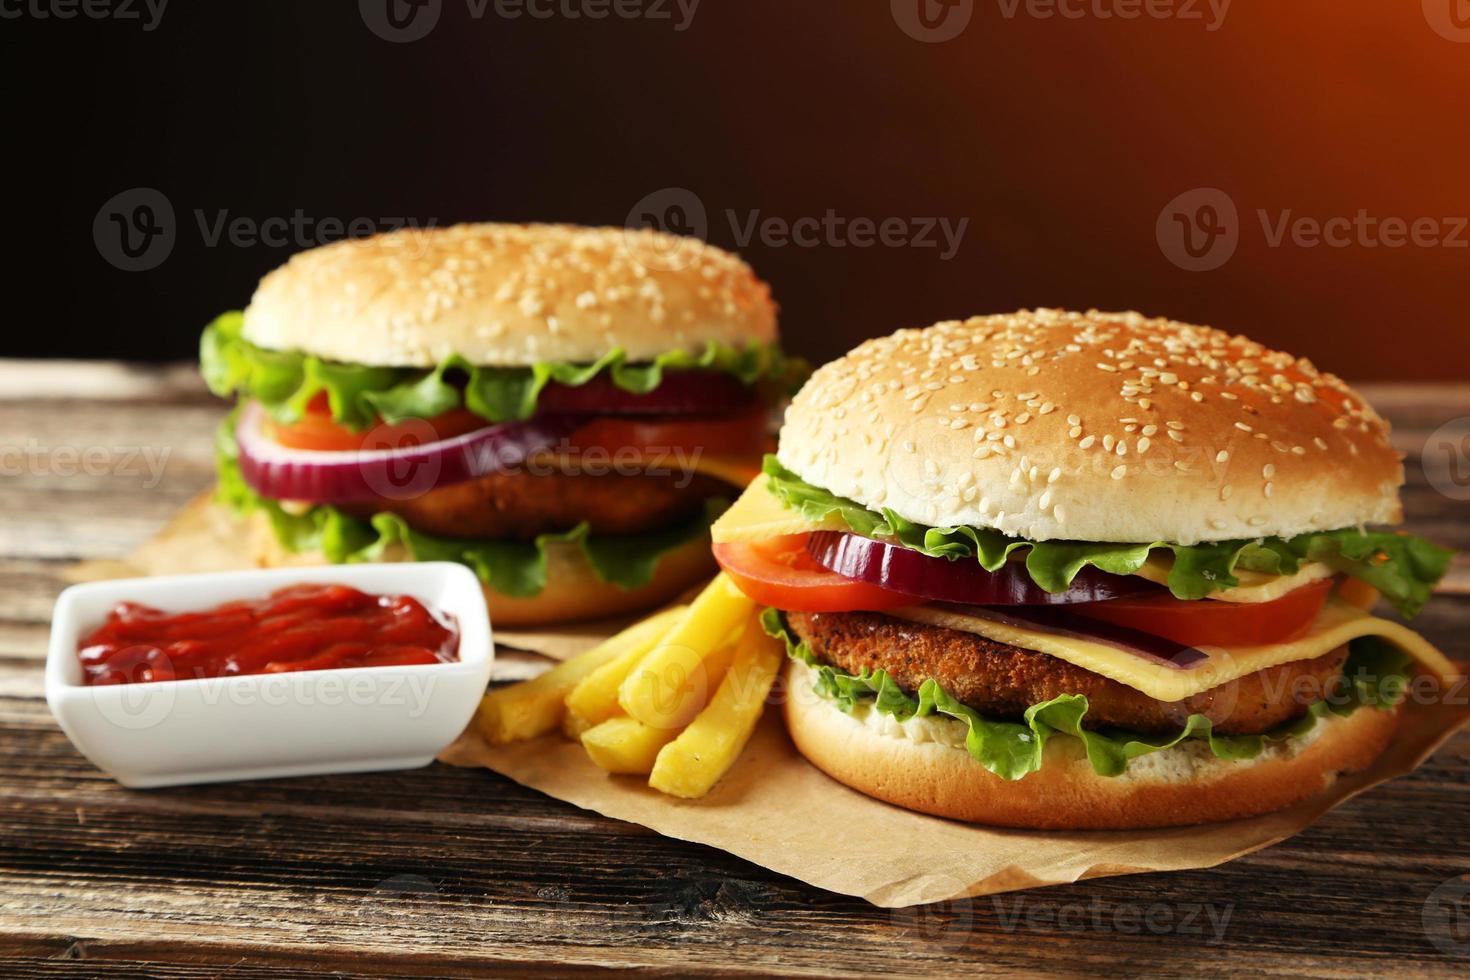 immagine di 2 hamburger su un tavolo di legno con patatine fritte e ketchup foto